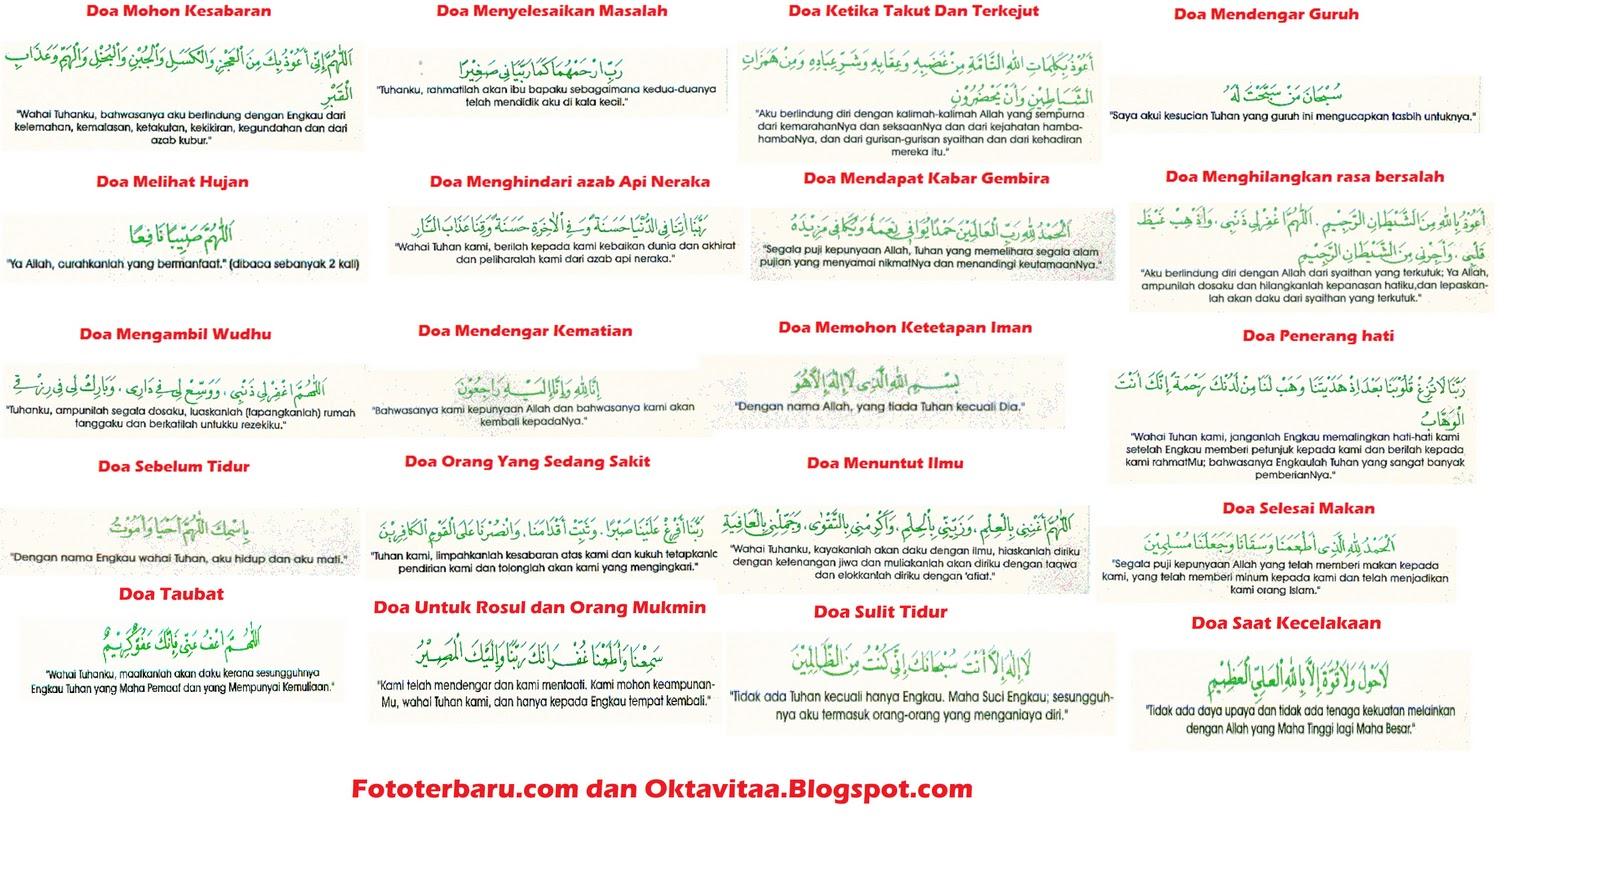 kumpulan doa harian click for details kumpulan doa doa harian islam ...